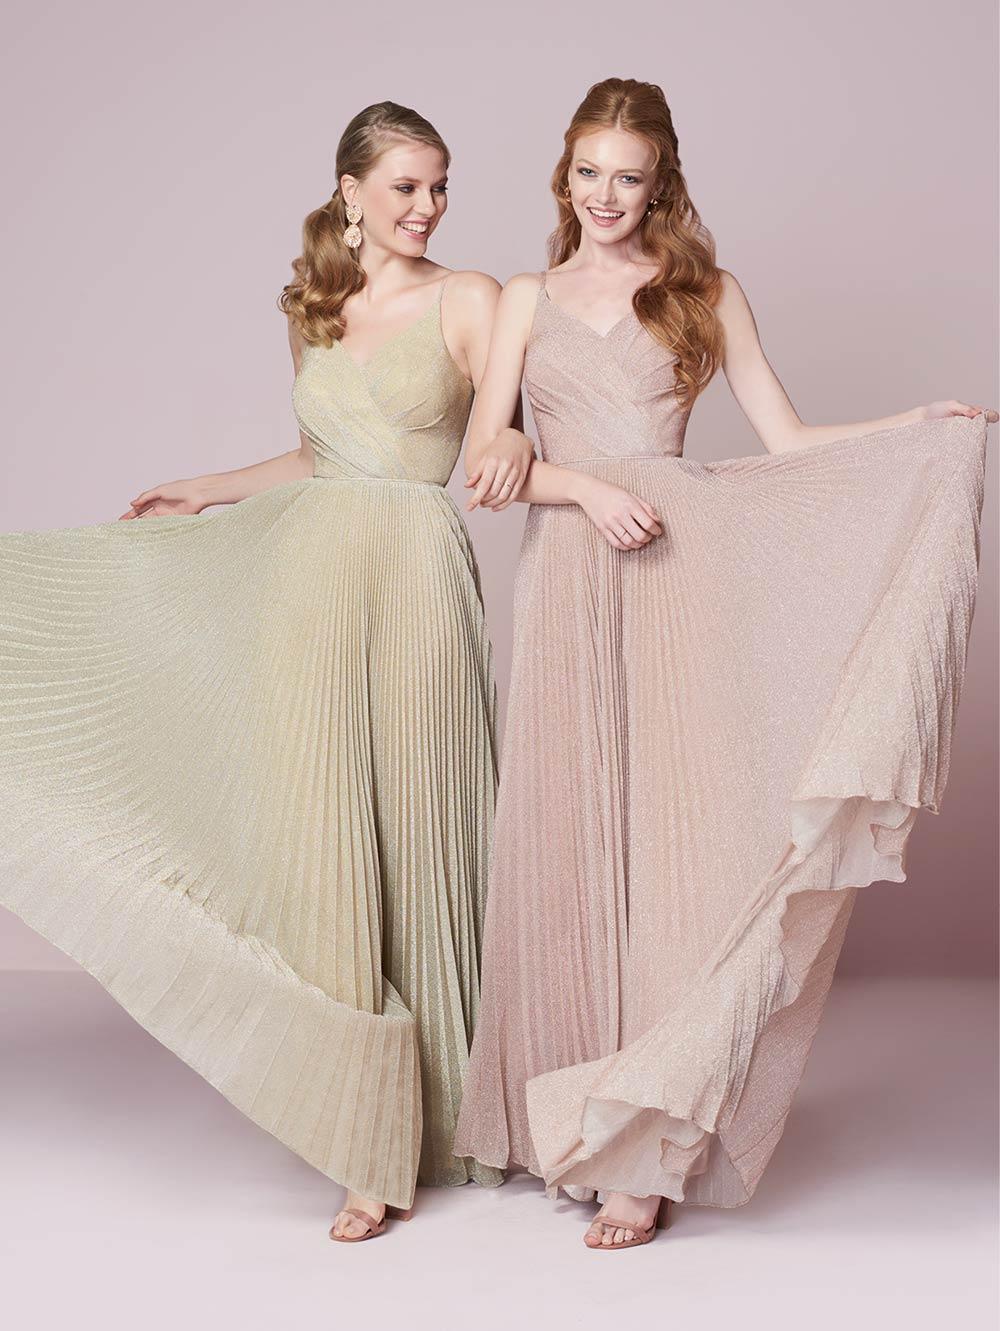 bridesmaid-dresses-jacquelin-bridals-canada-27773